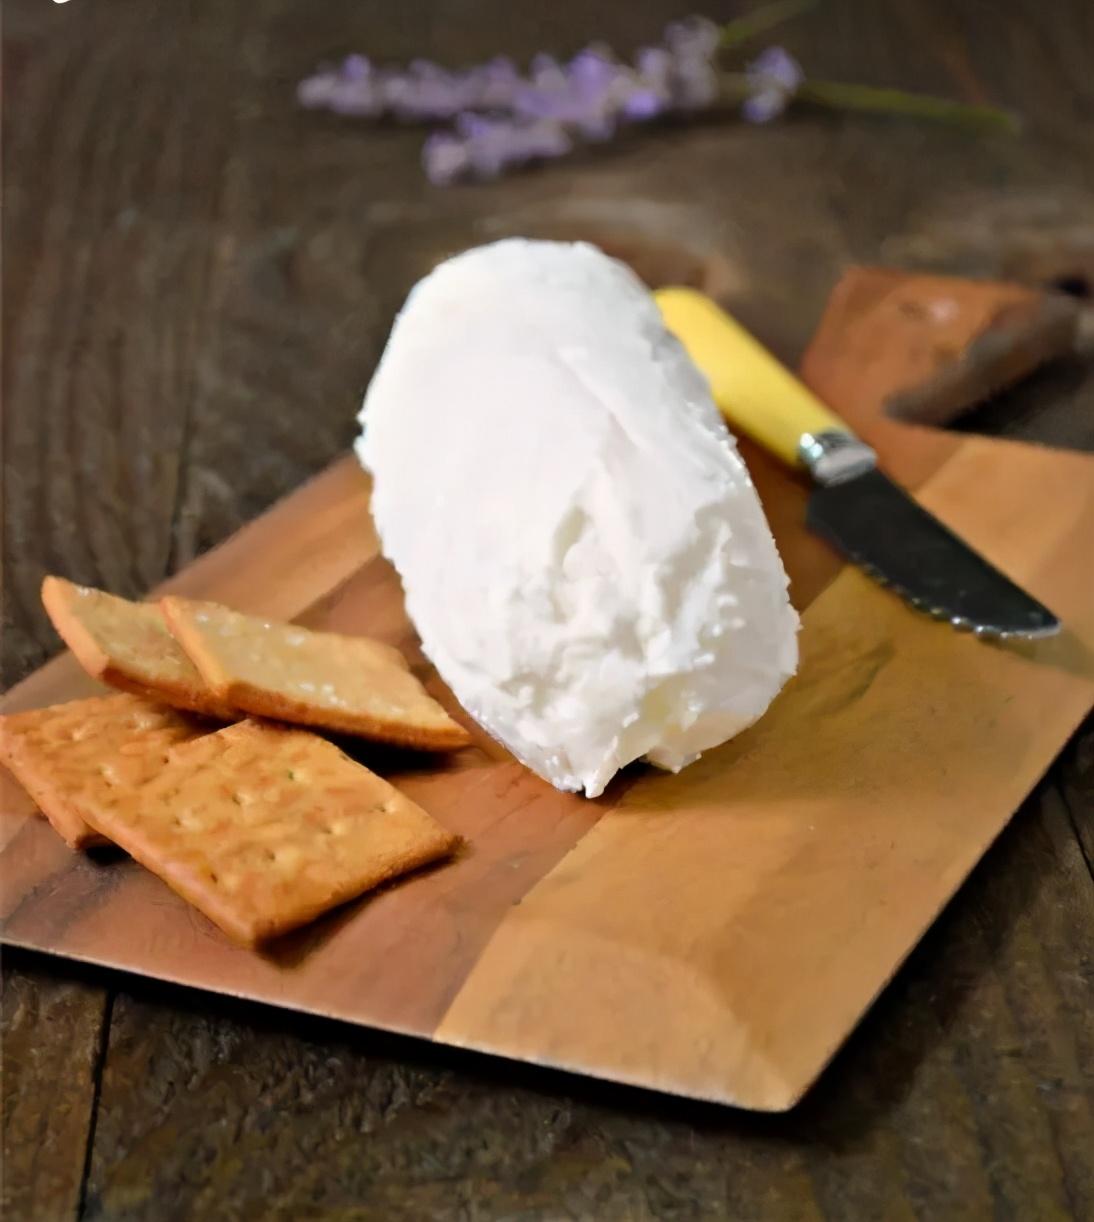 奶酪图鉴:吃过蓝纹奶酪,才知道什么是浓烈的臭